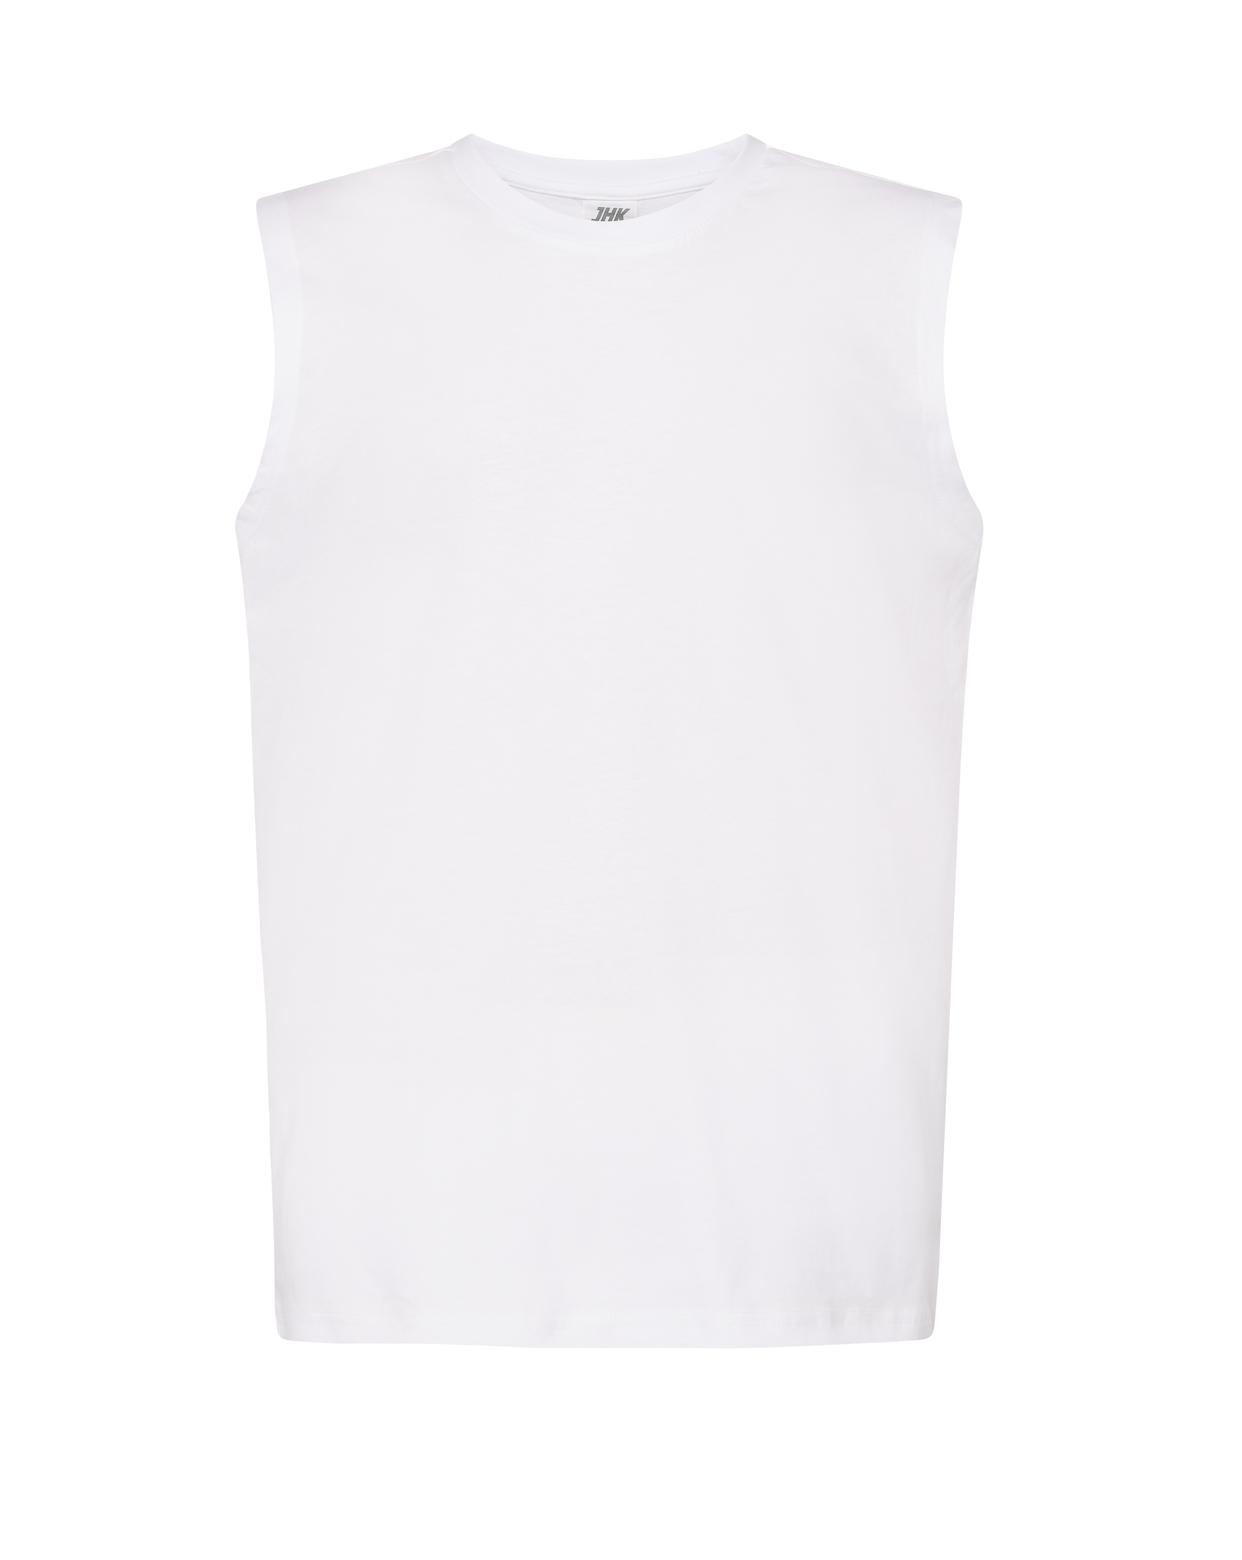 Pánské trièko bez rukávù - zvìtšit obrázek